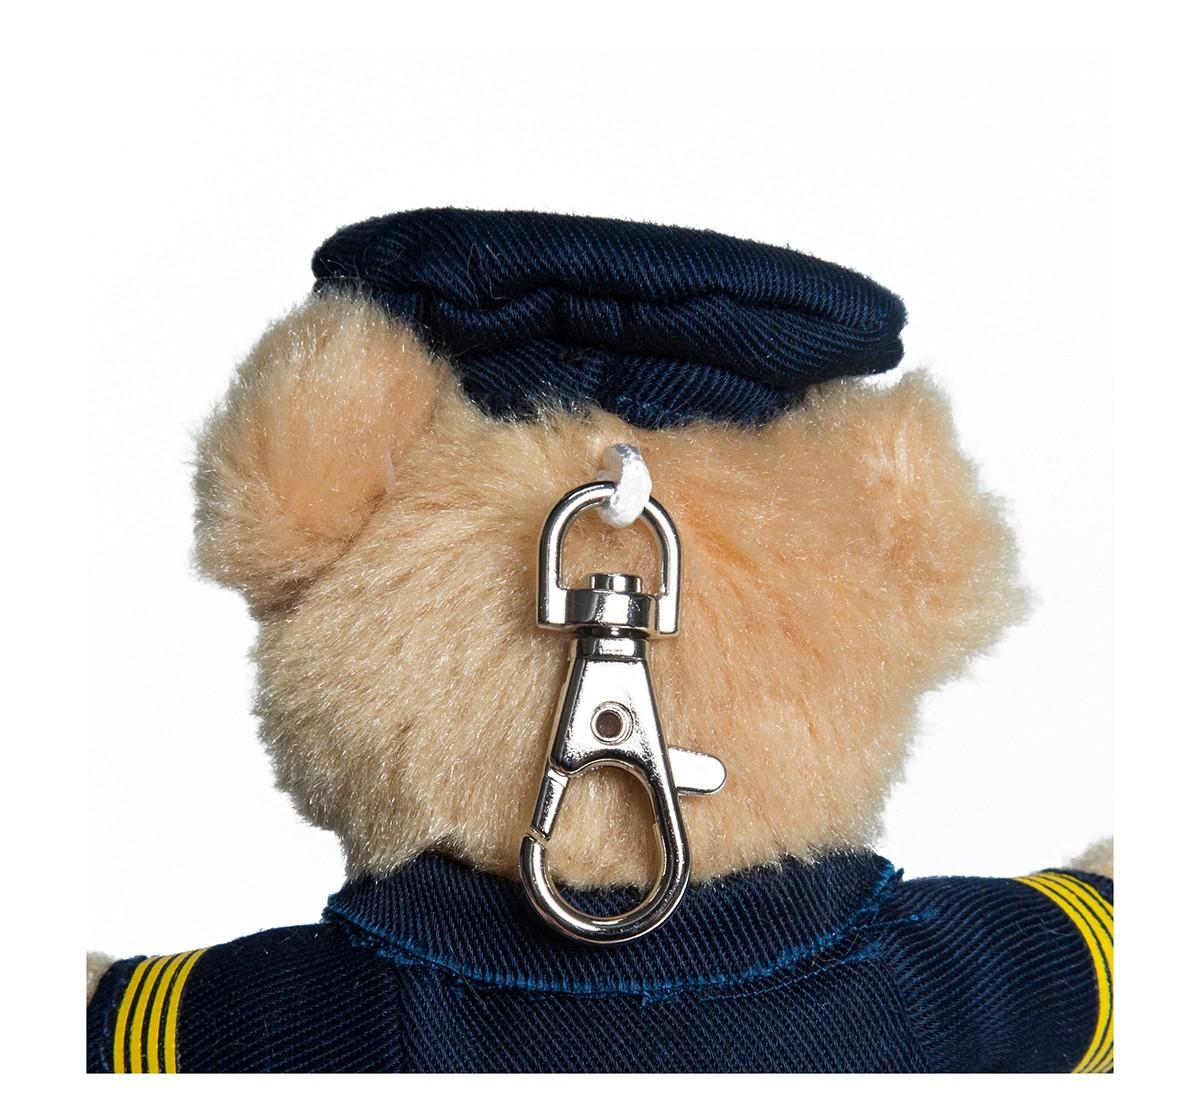 """Hamleys 4.5"""" Pilot Keychain-Beige Plush Accessories for Kids age 12M+ - 4 Cm (Beige)"""